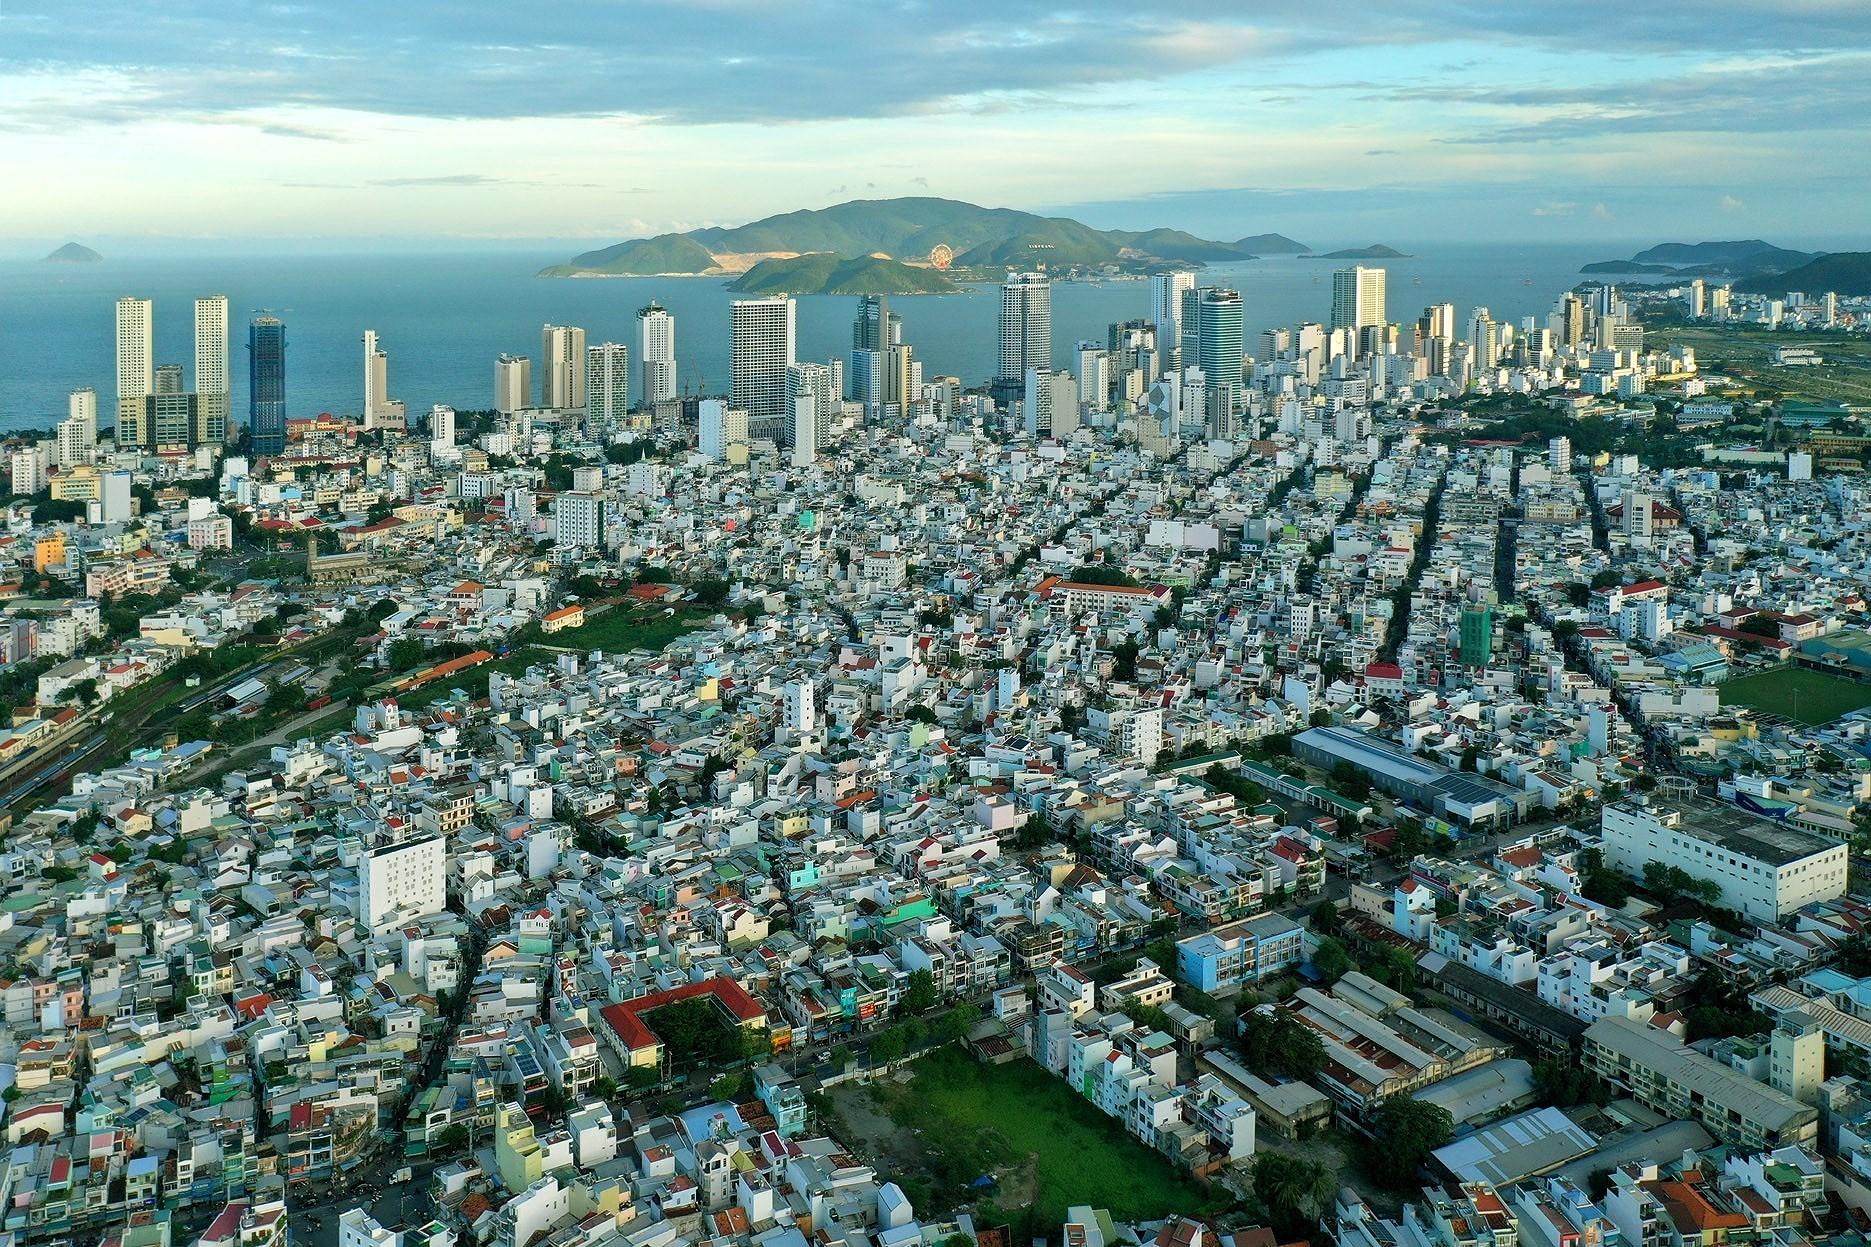 Nha Trang - beautiful coastal city hinh anh 2